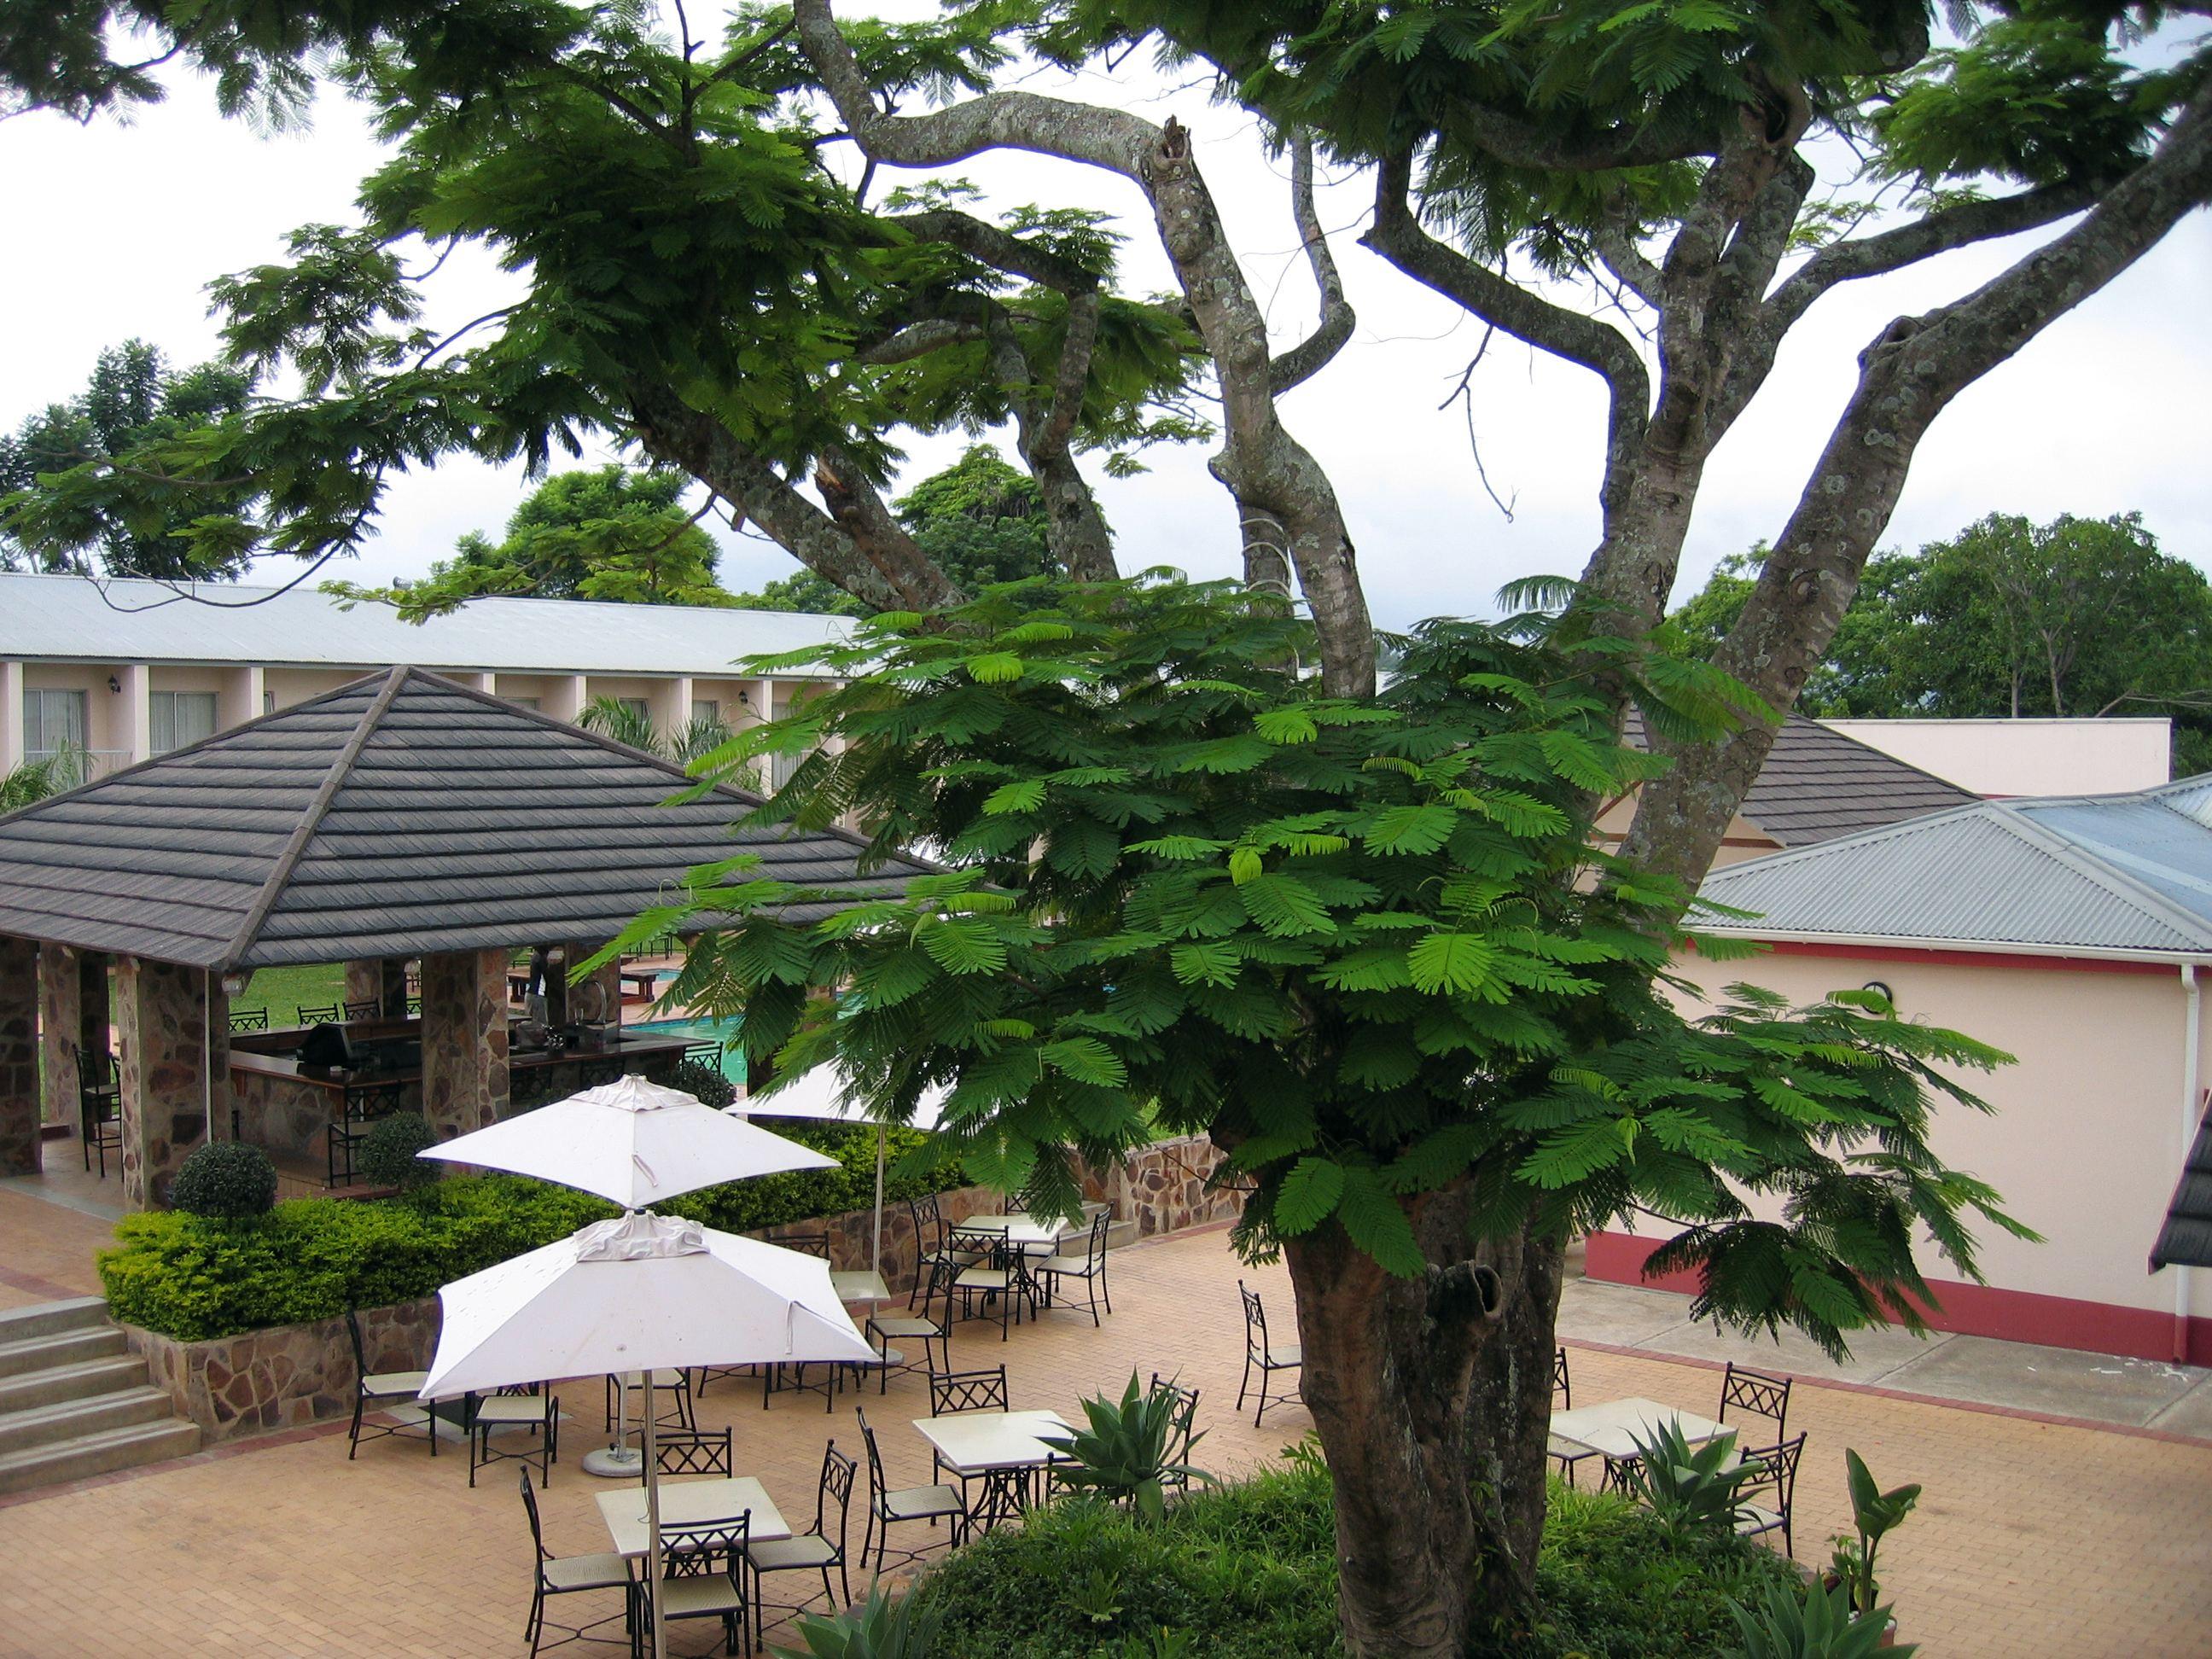 Ex_Tum's_George_Hotel_Manzini_Swaziland